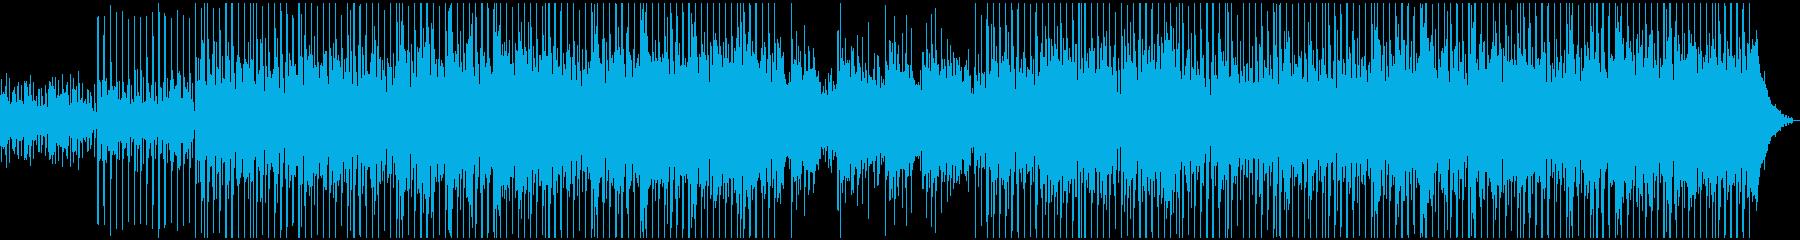 アンビエントエレクトロニックスタイ...の再生済みの波形